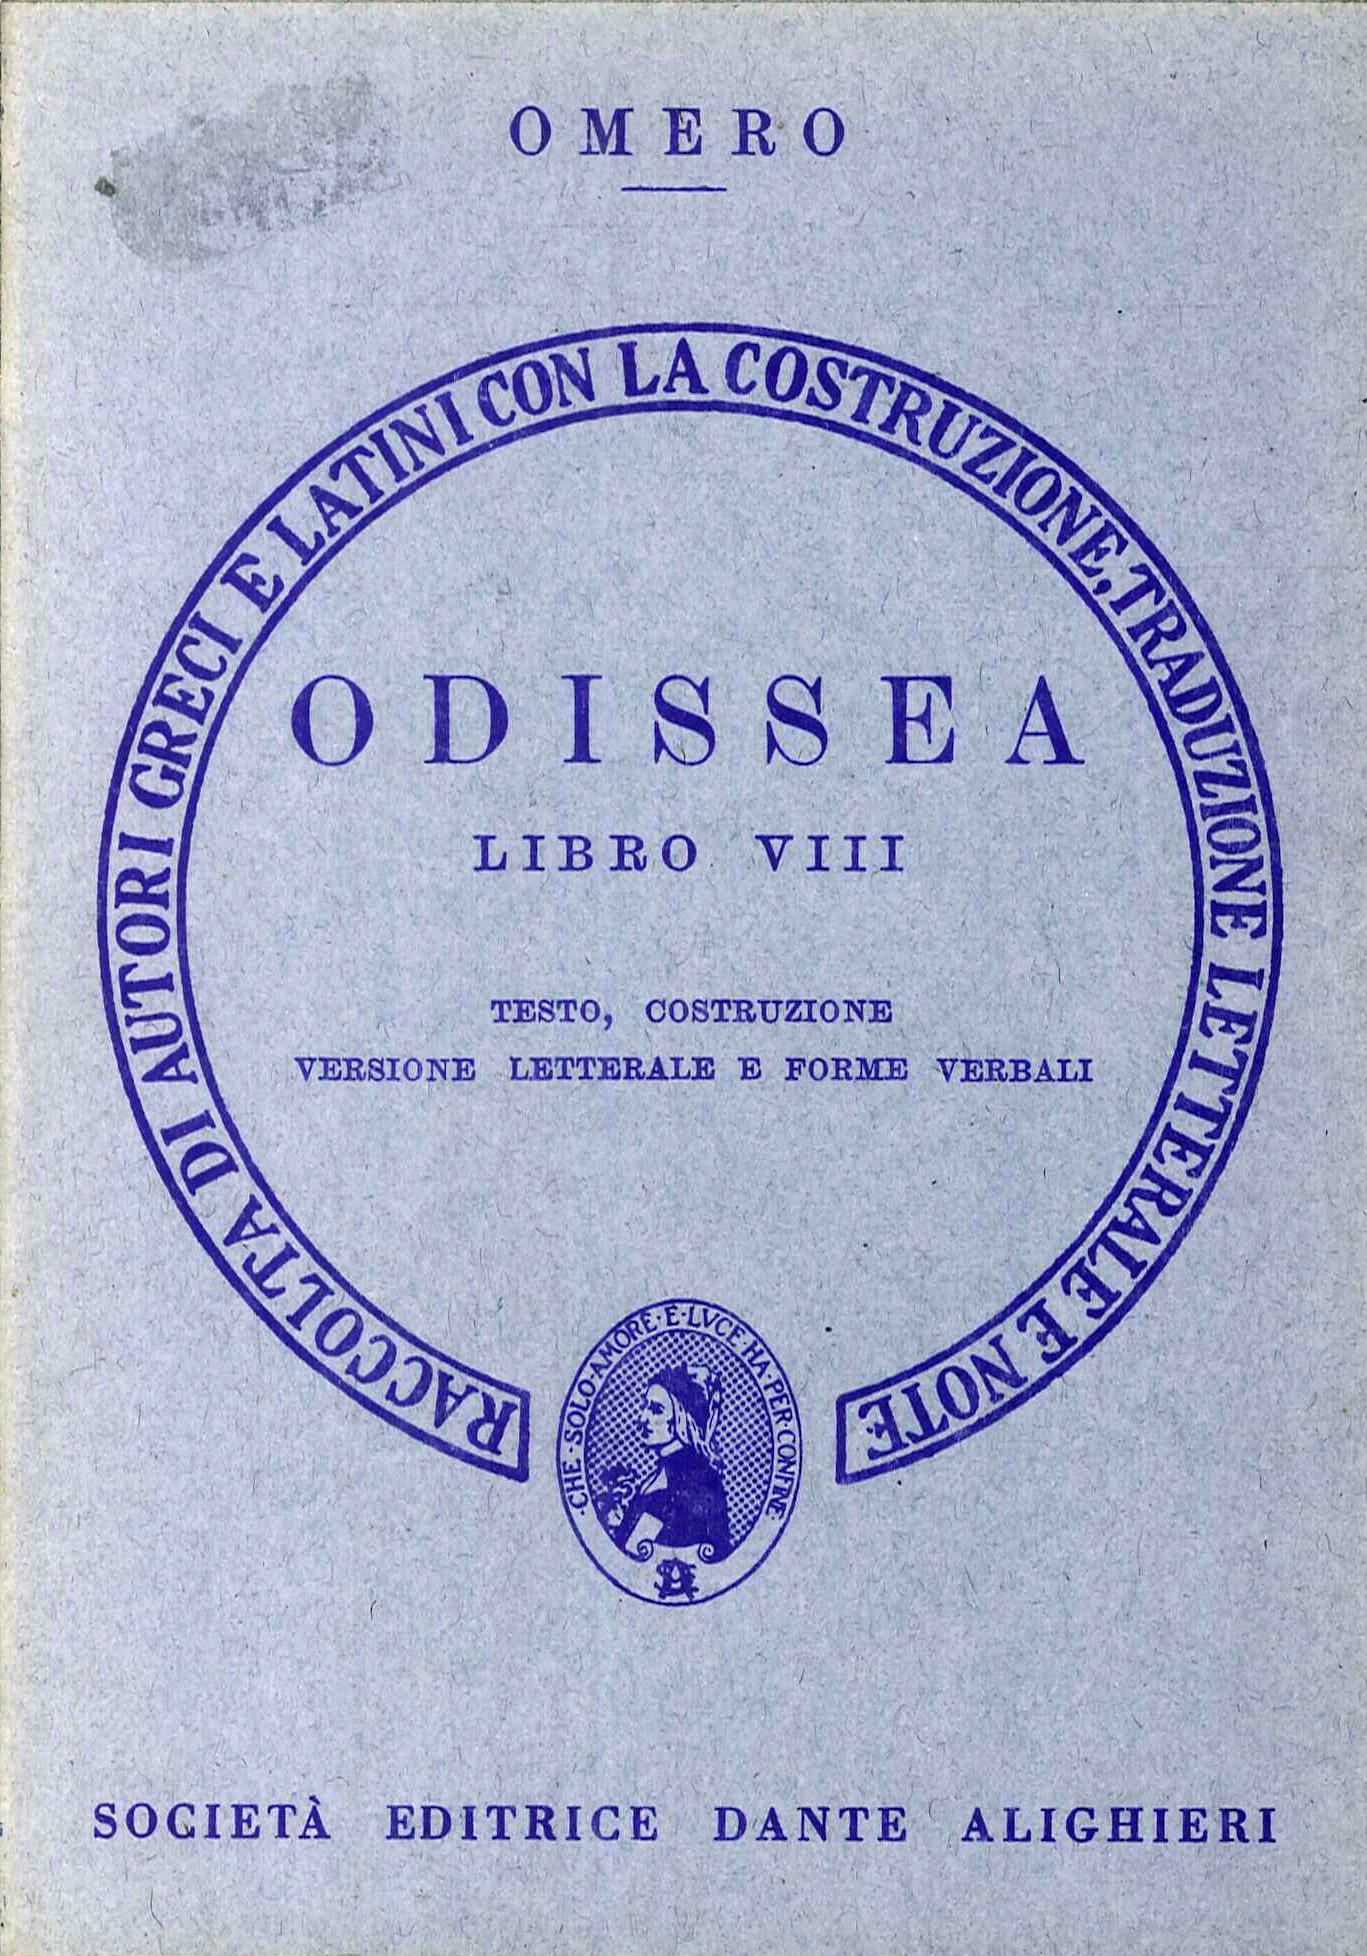 Odissea. Libro VIII. Testo, costruzione. Versione letterale e forme verbali. Terza edizione